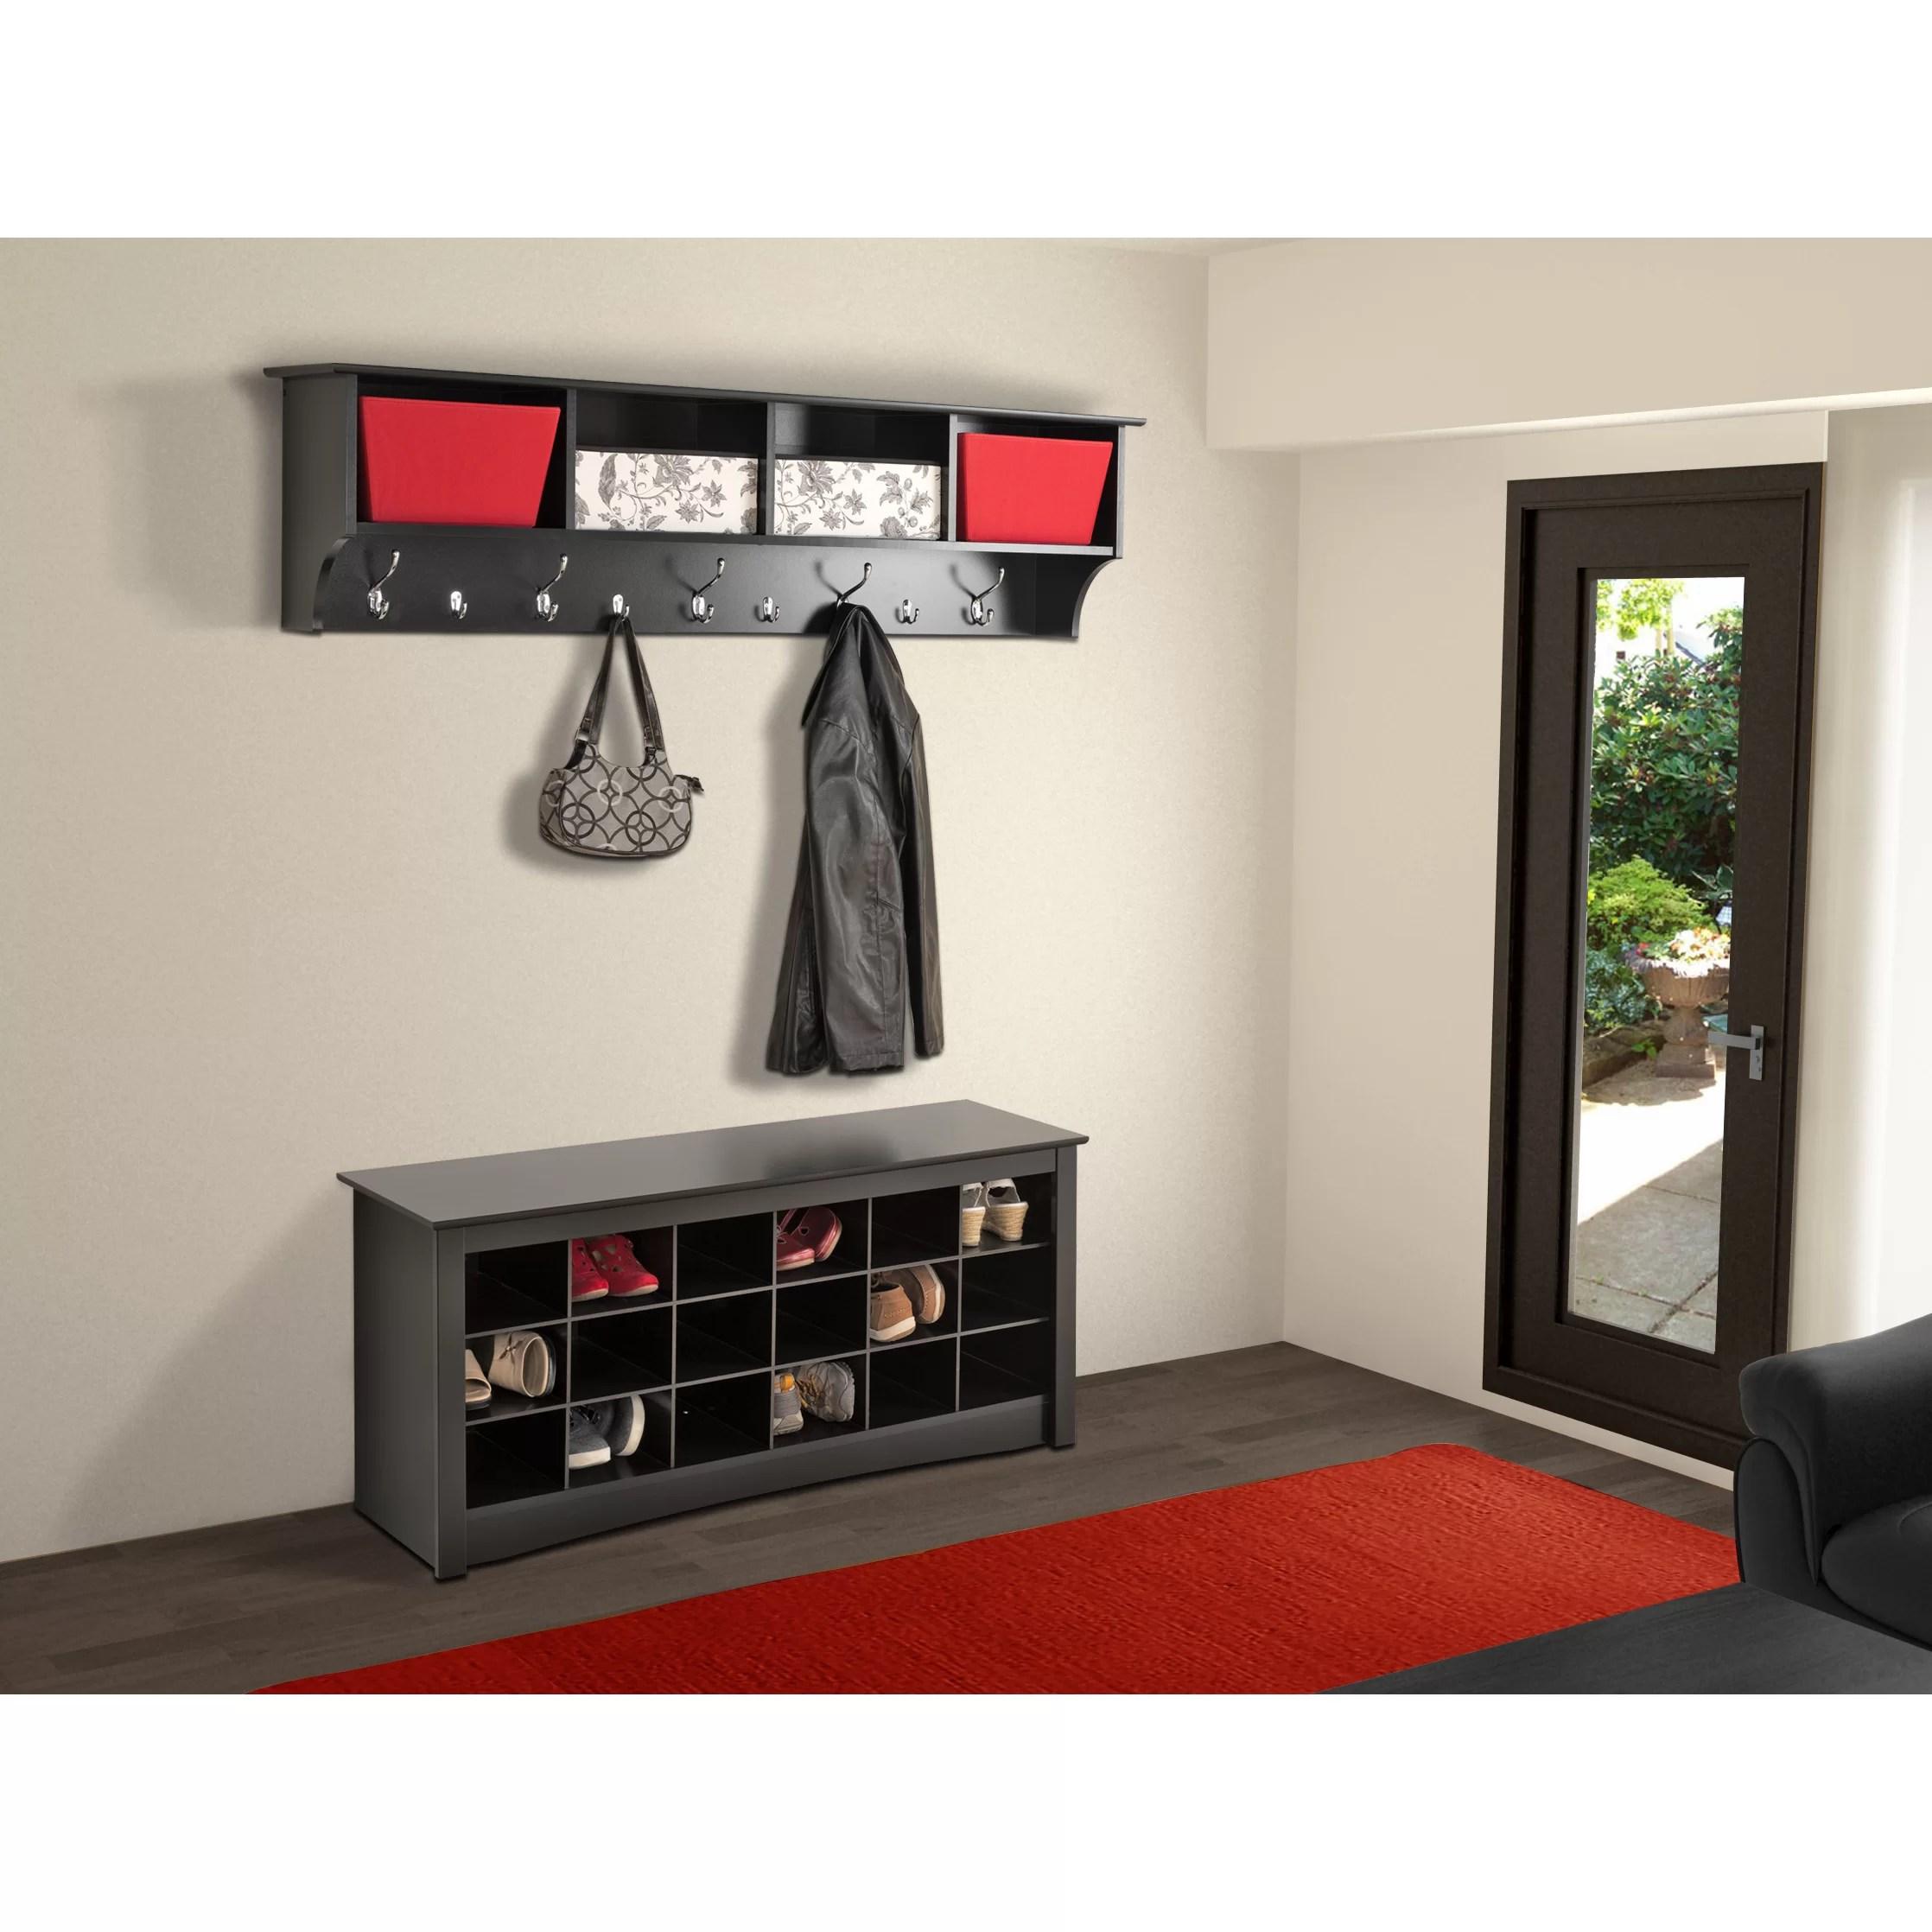 Zipcodetm Design Mackenzie 60quot Hanging Entryway 9 Hook